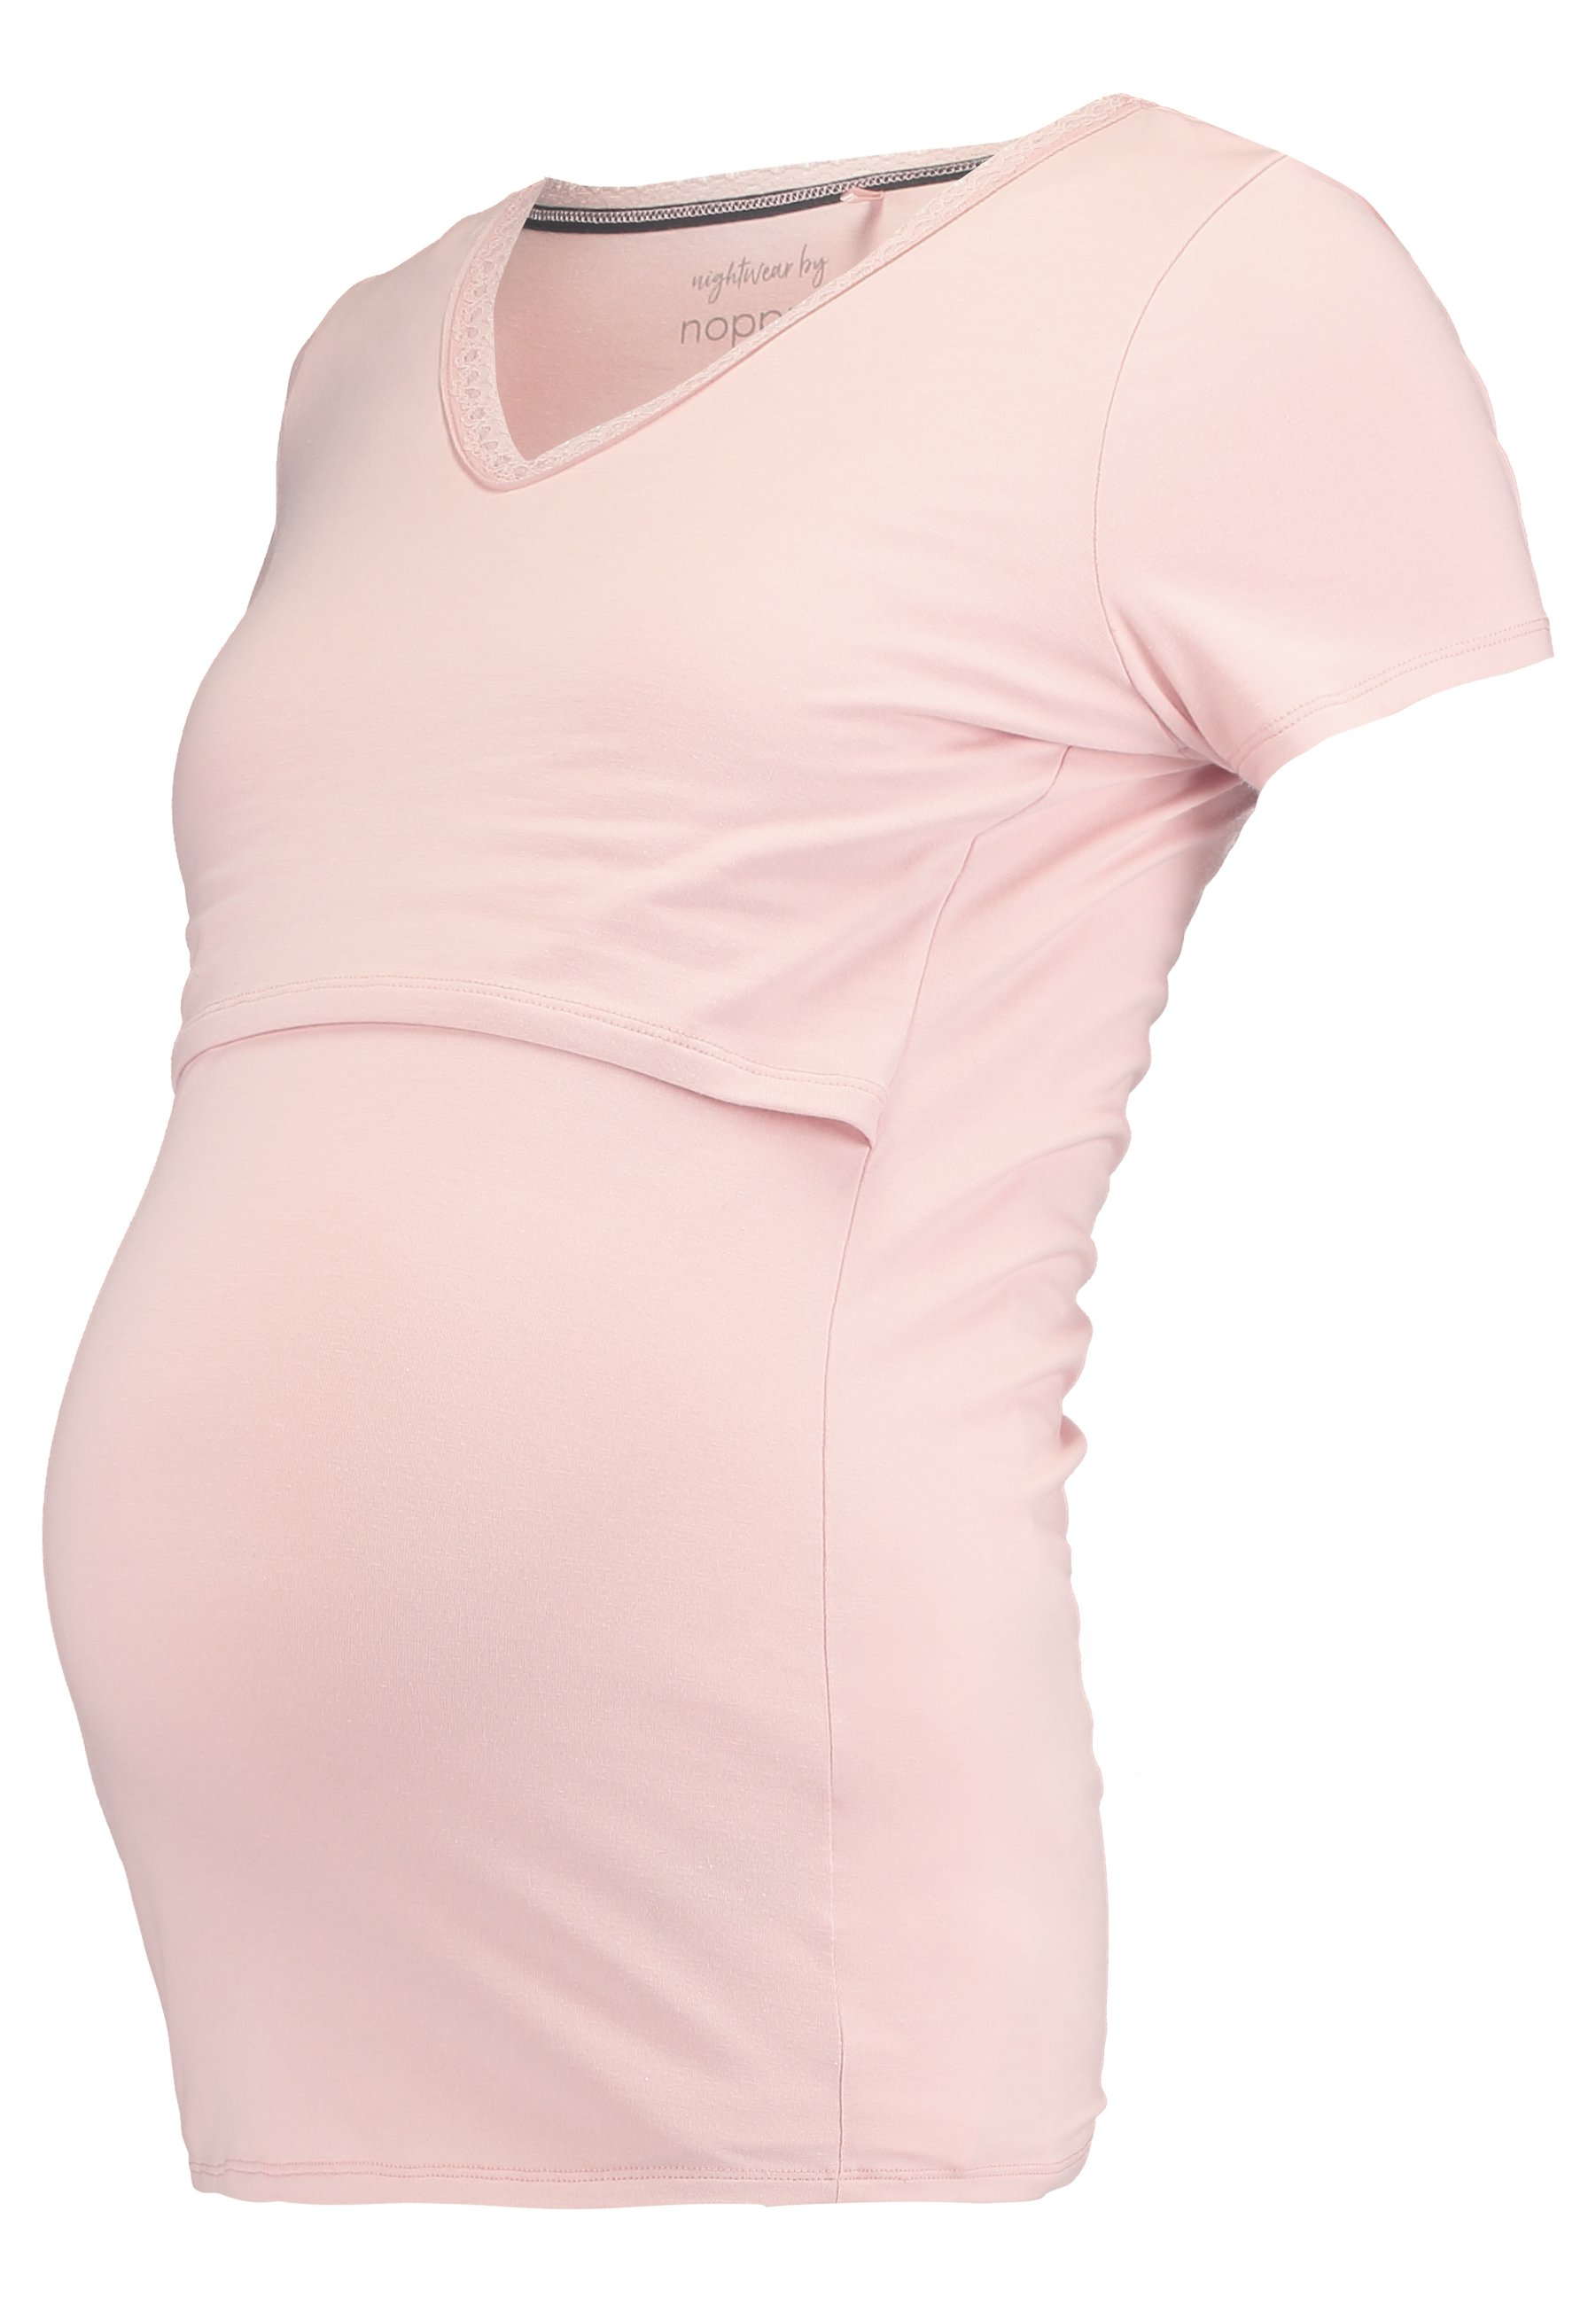 Damen NURS FLOOR SOLID - Nachtwäsche Shirt